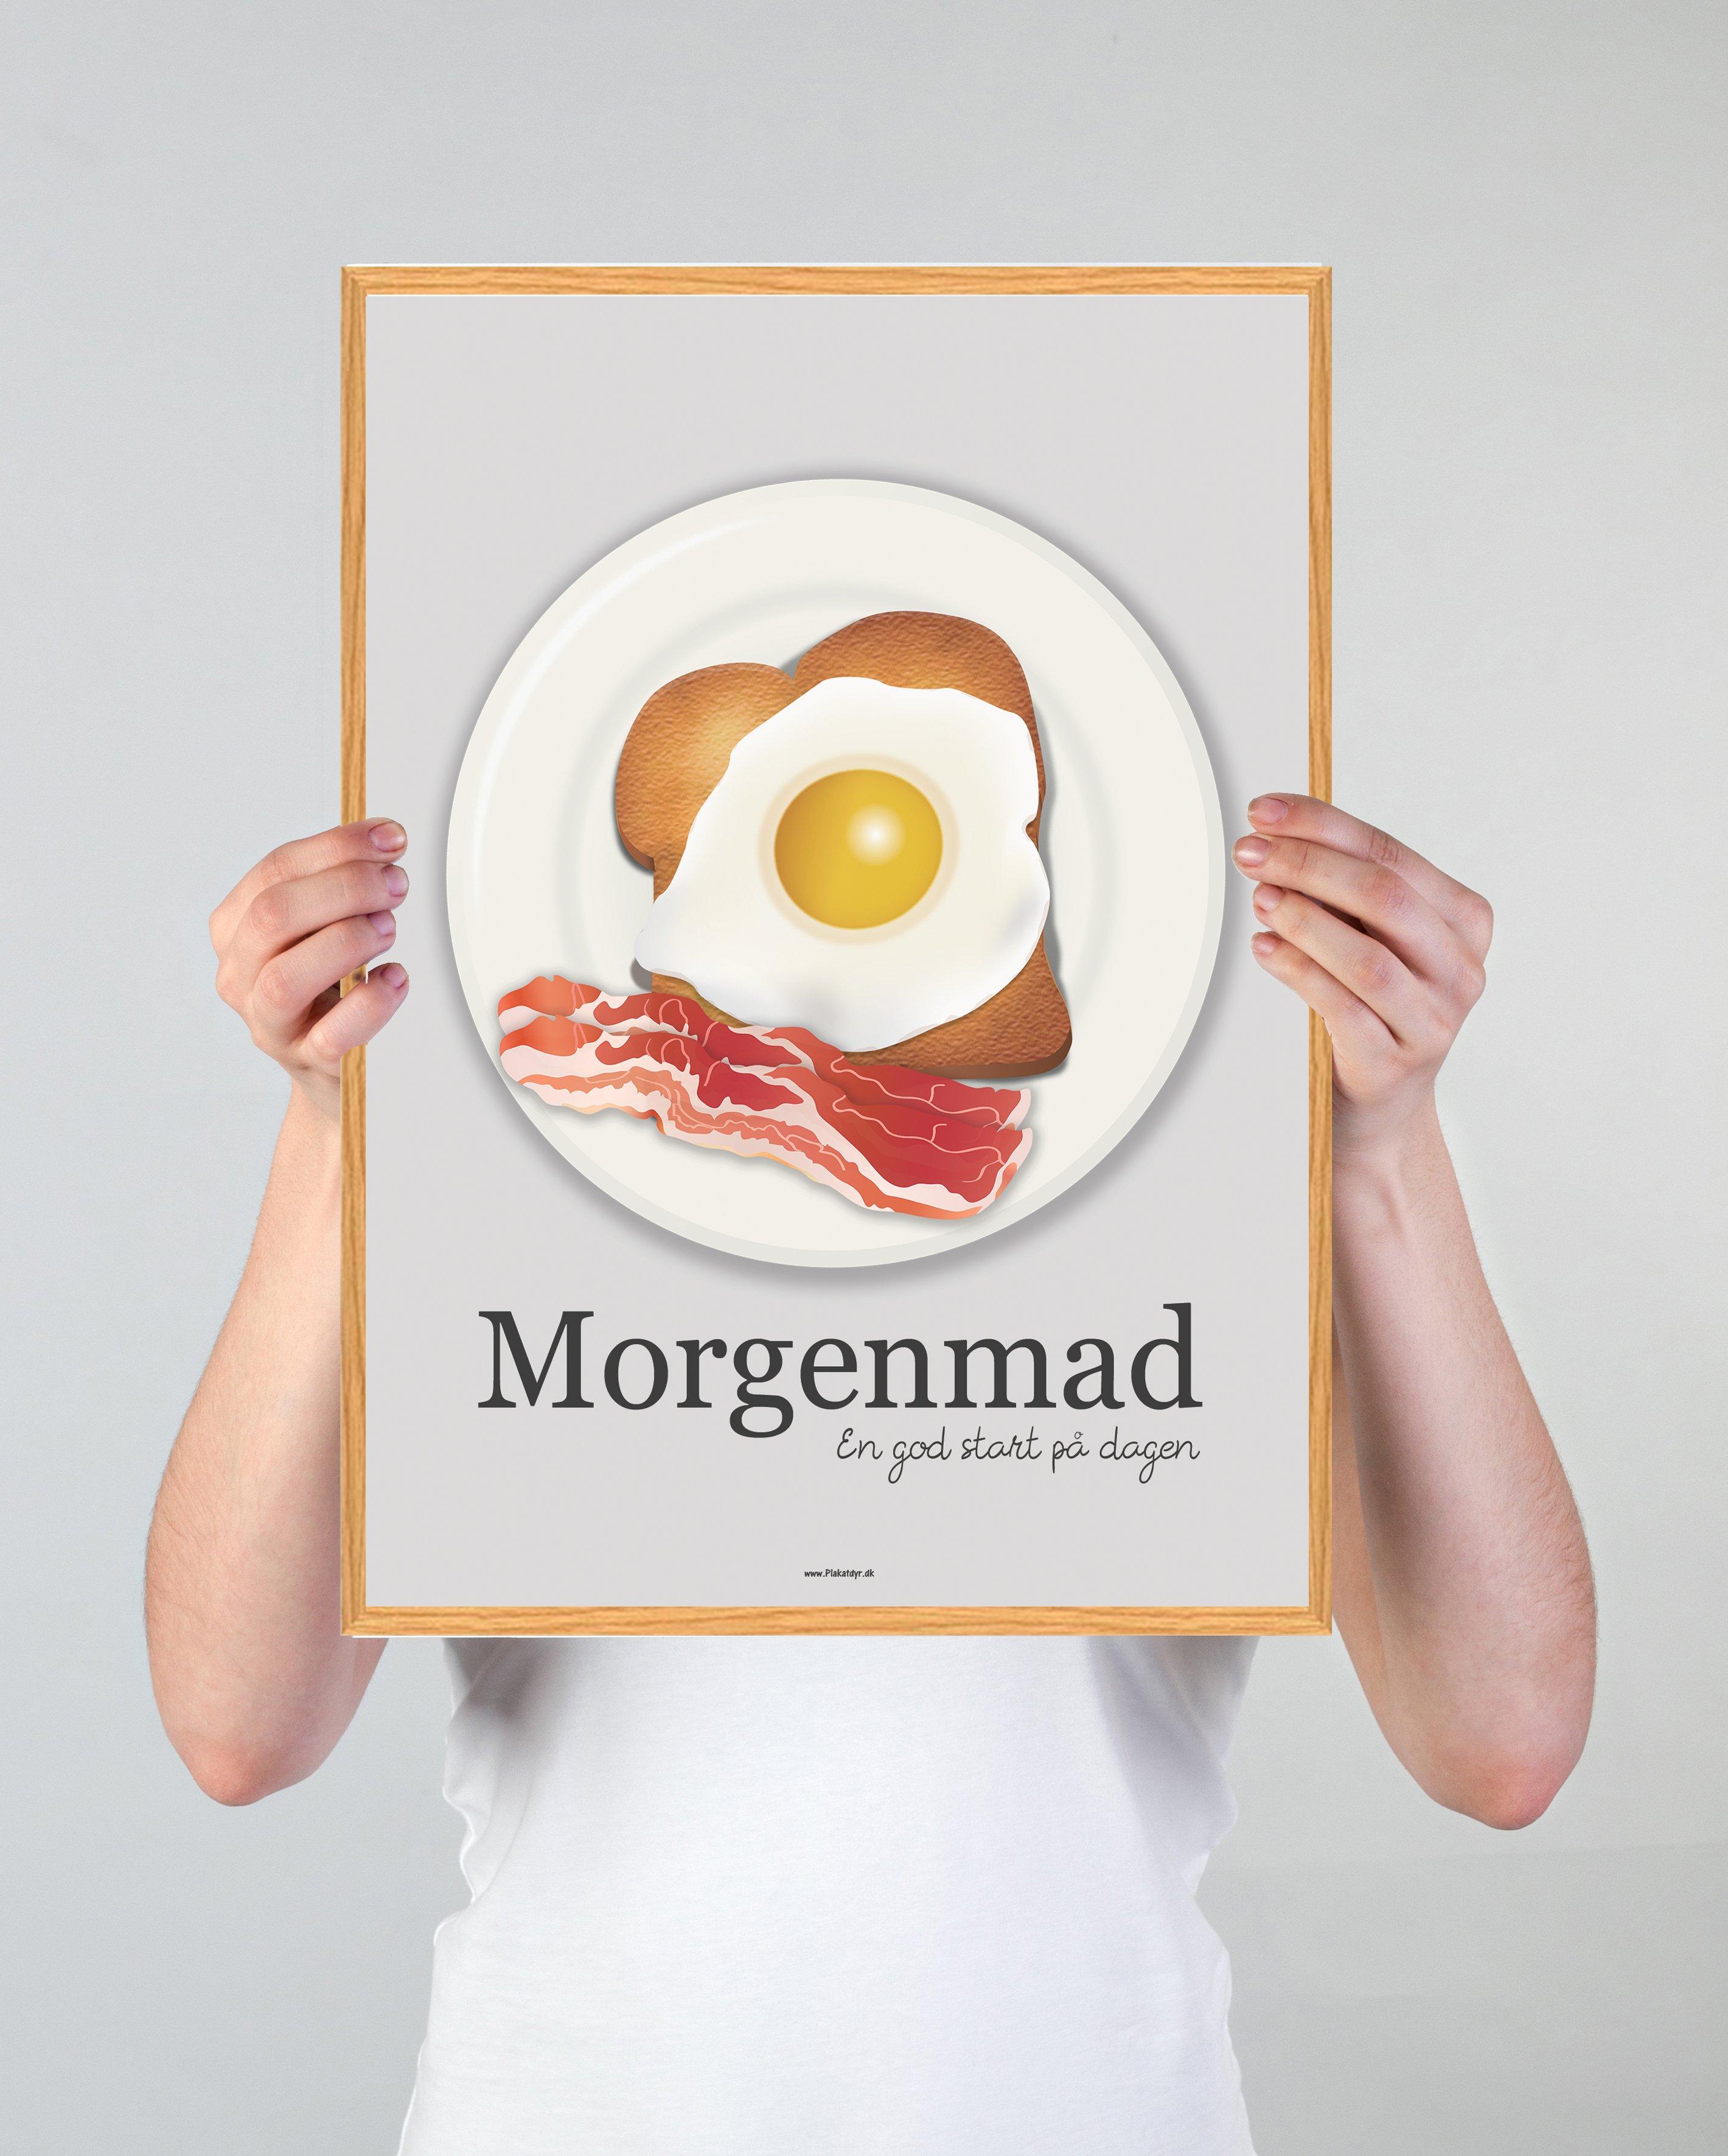 morgenmad-koekken-plakat